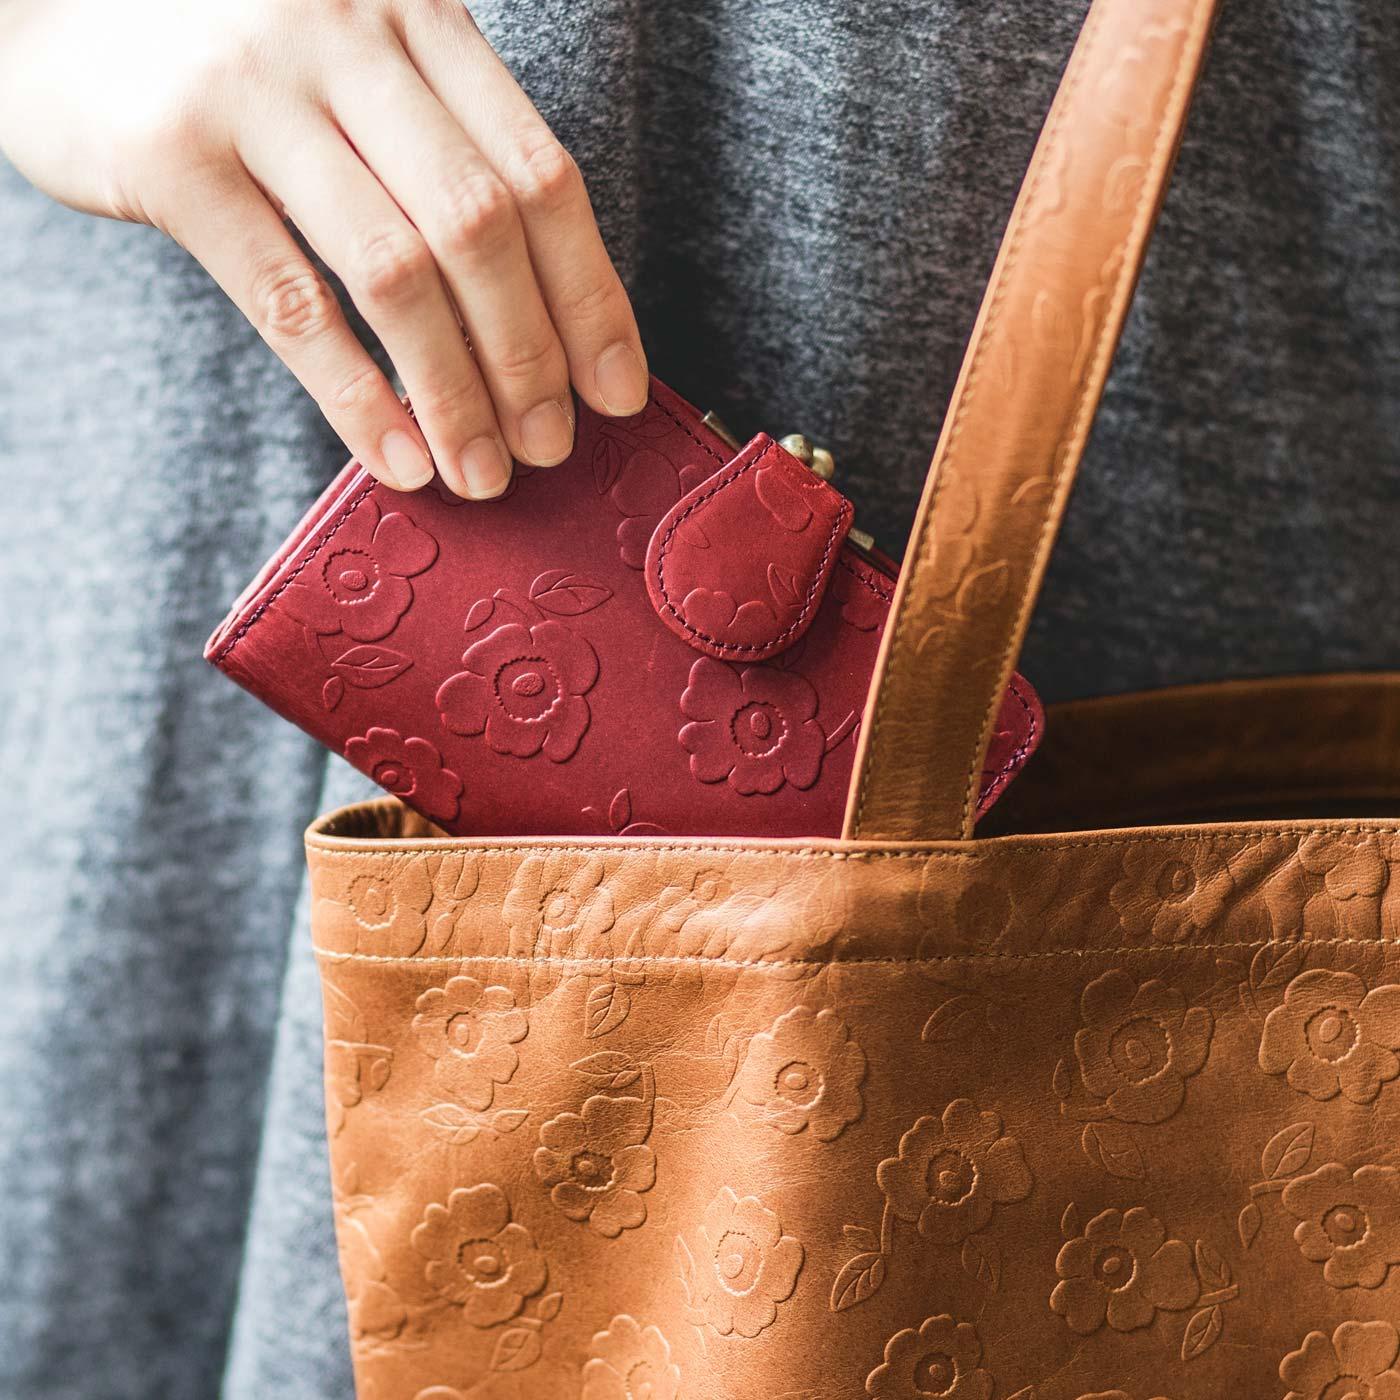 かさばらないコンパクトサイズ。トレンドの小さめバッグにもぴったり。